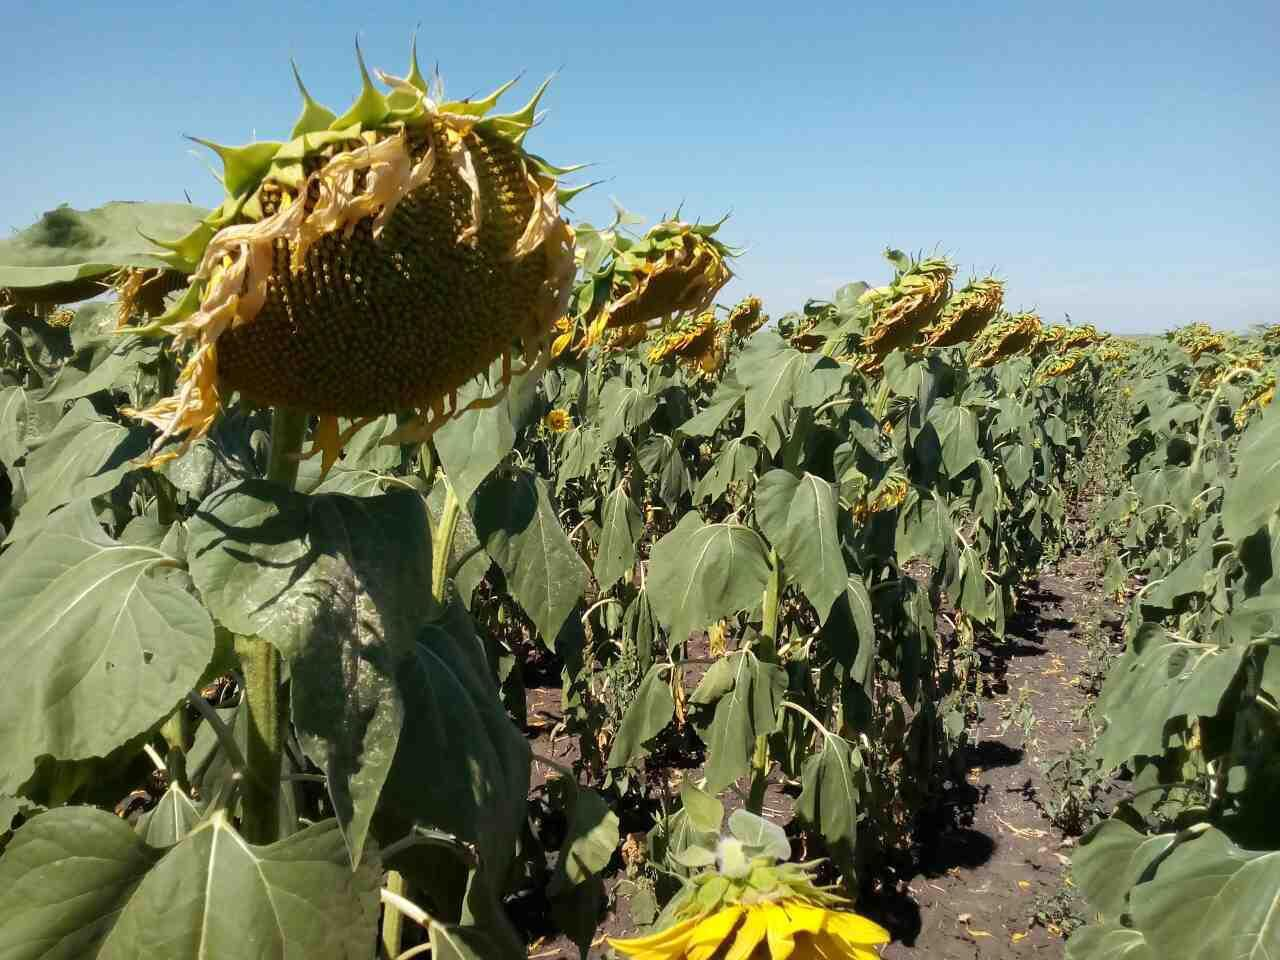 Семена подсолнуха Одисей ИМИ  под Евро - Лайтнинг